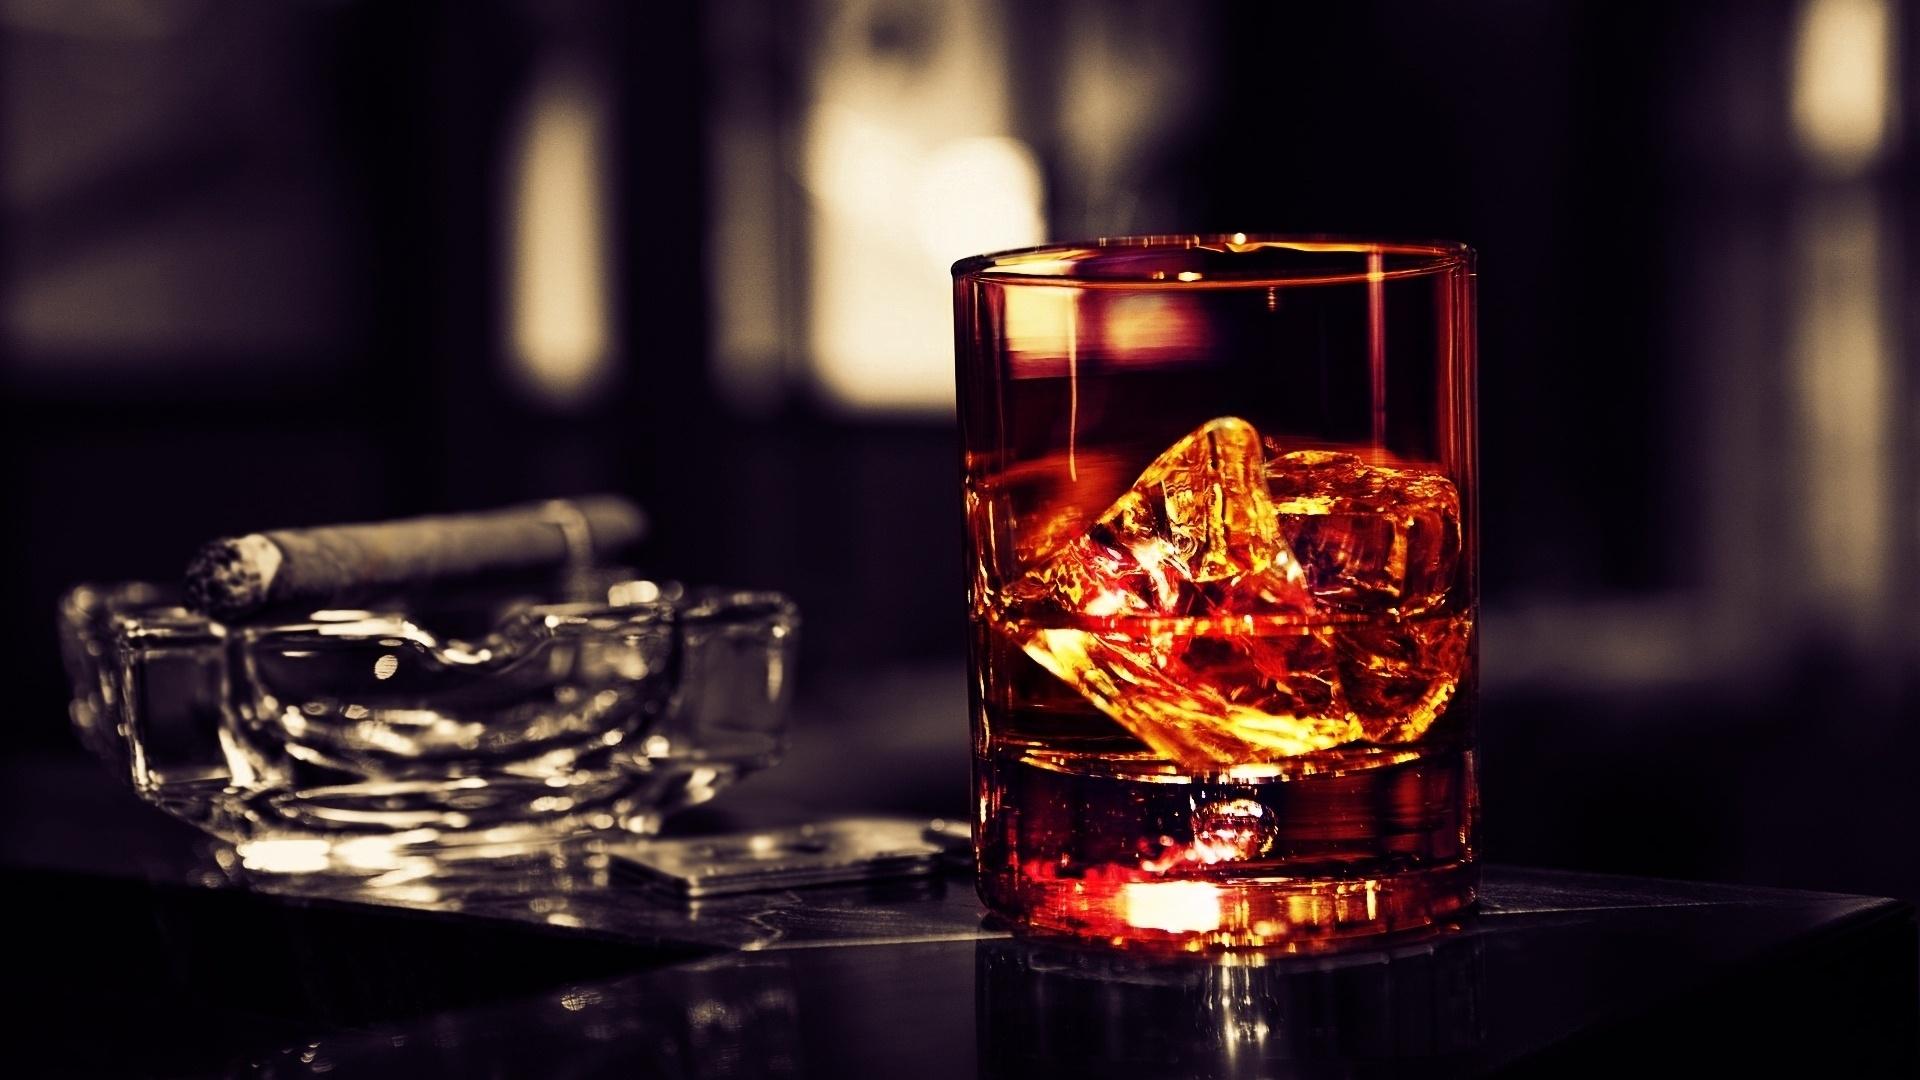 lucruri care ar putea să dispară whisky